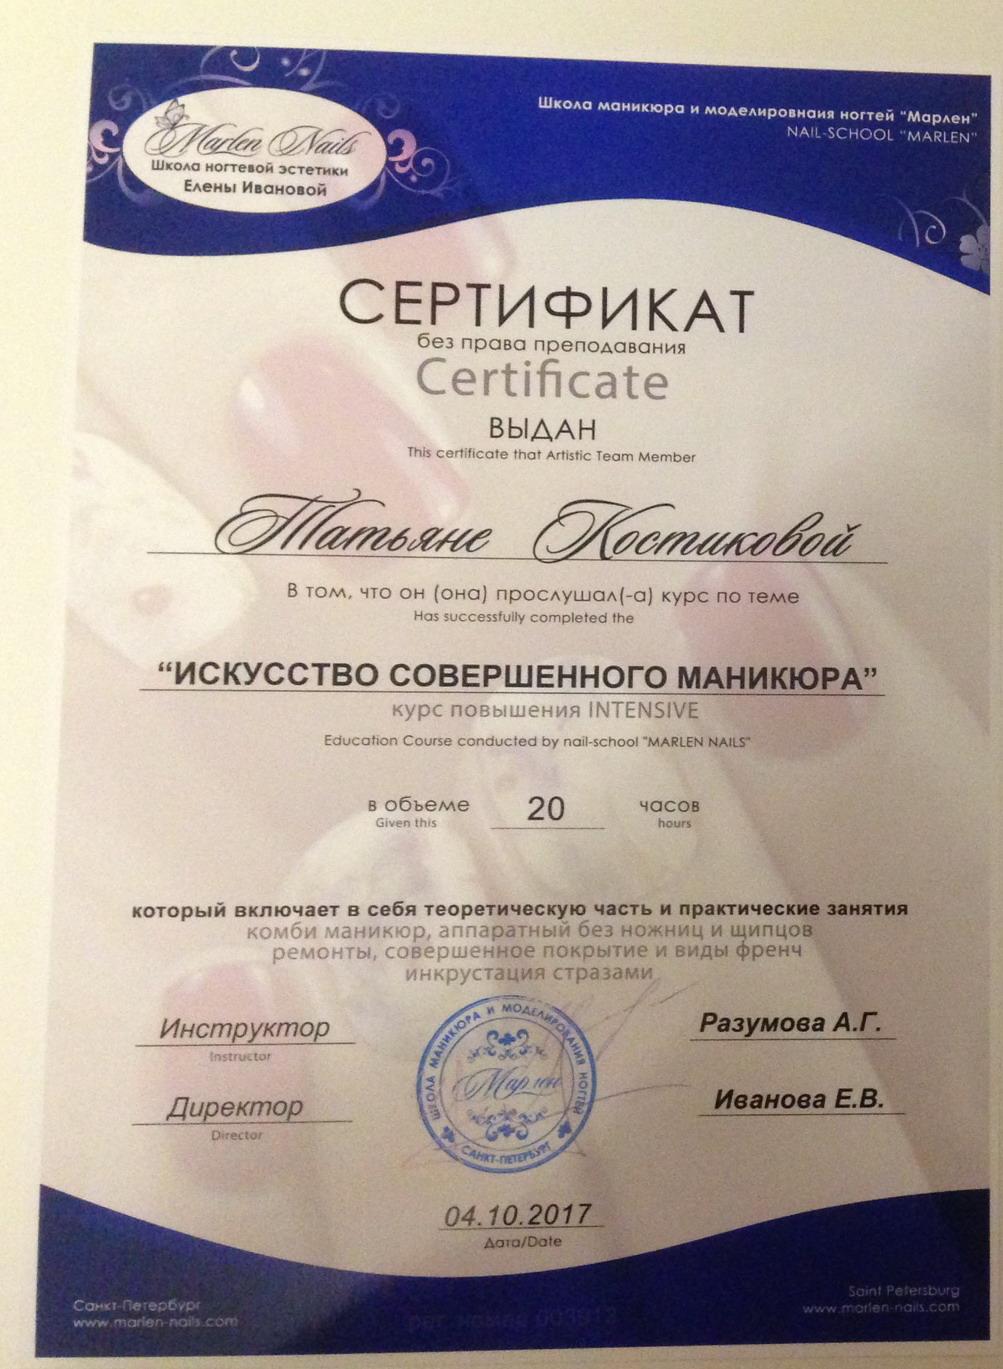 Курсы маникюра с сертификатом в спб